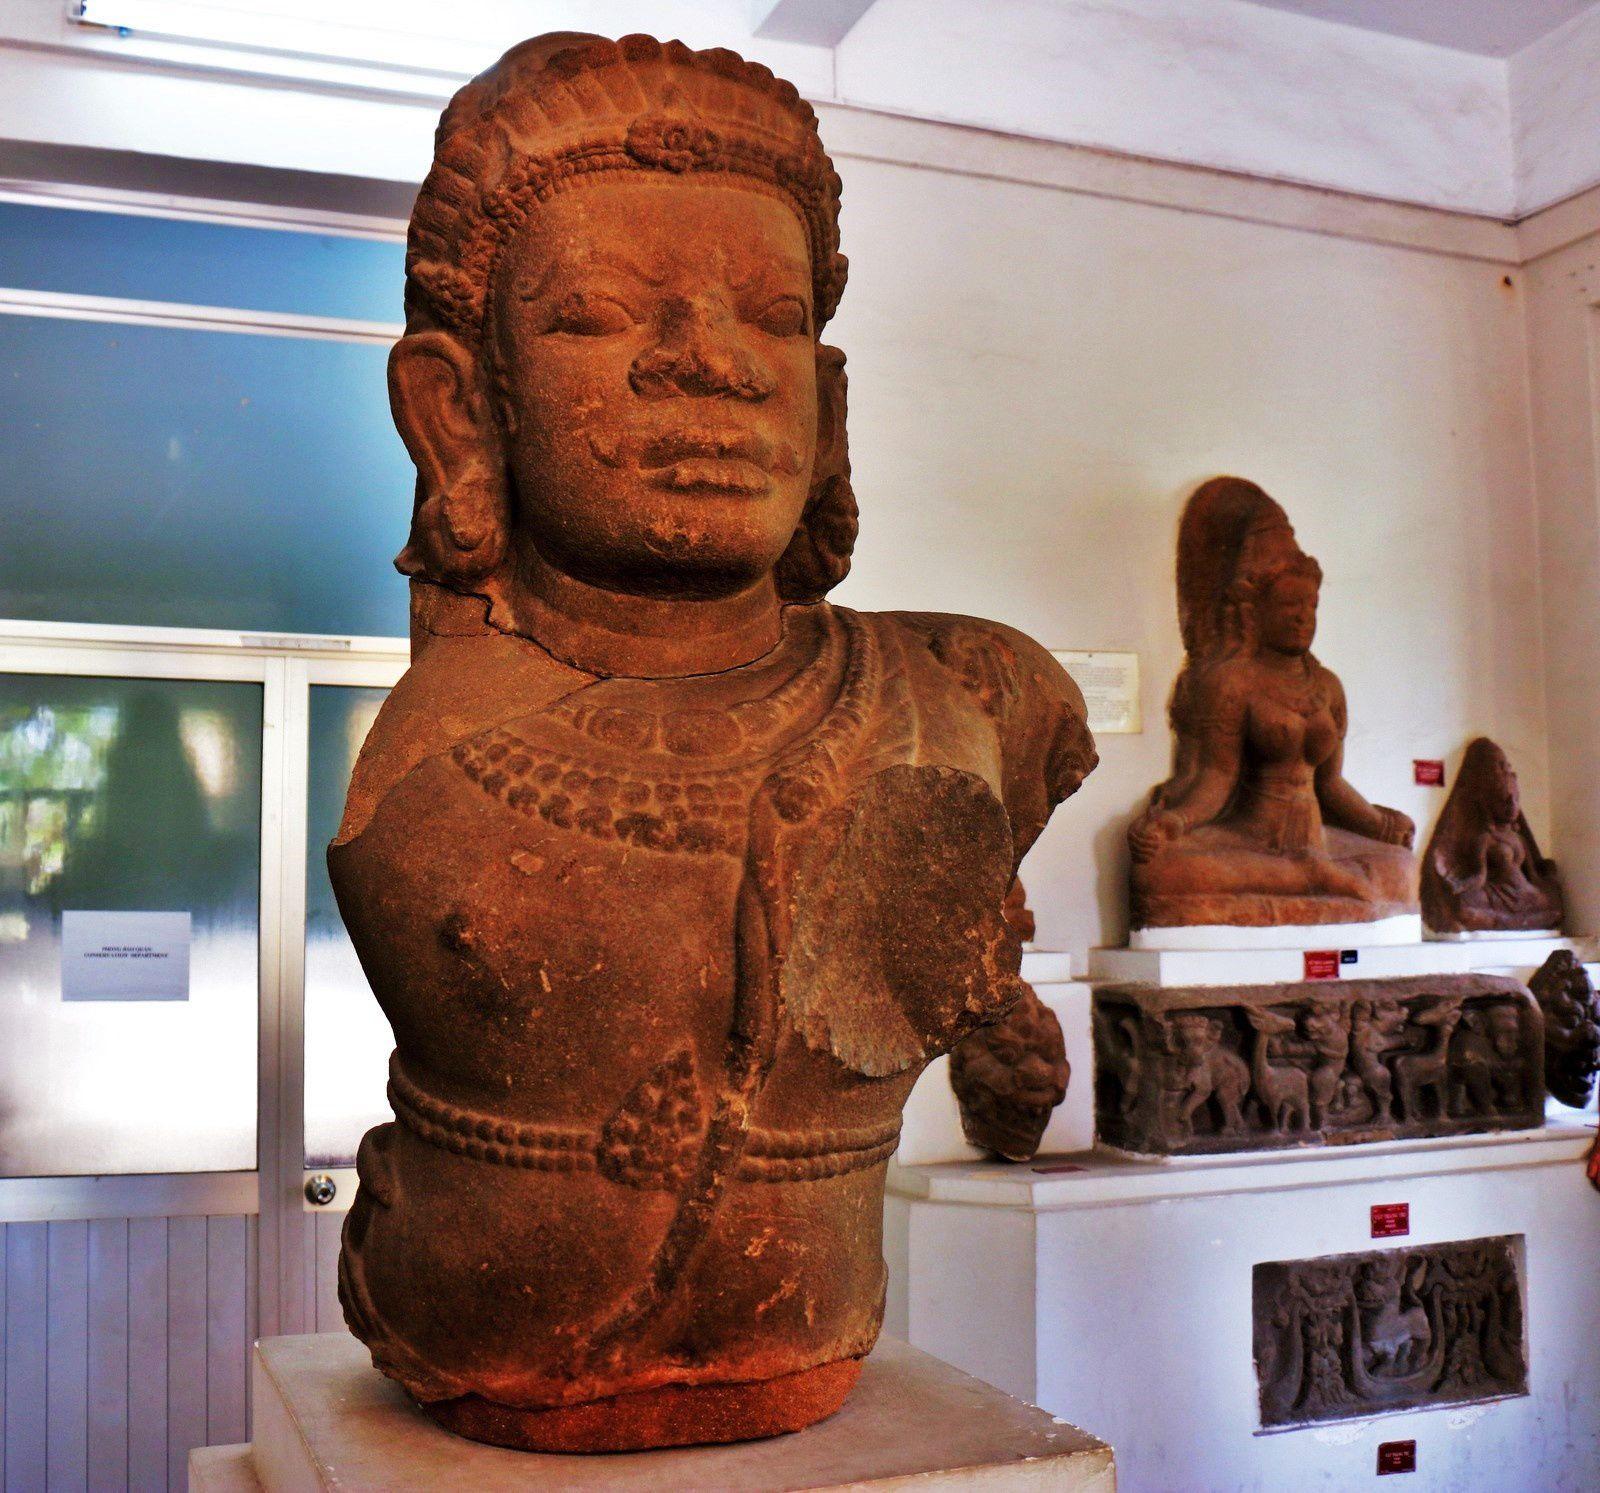 Le dieu Siva, musée de la sculpture Cham